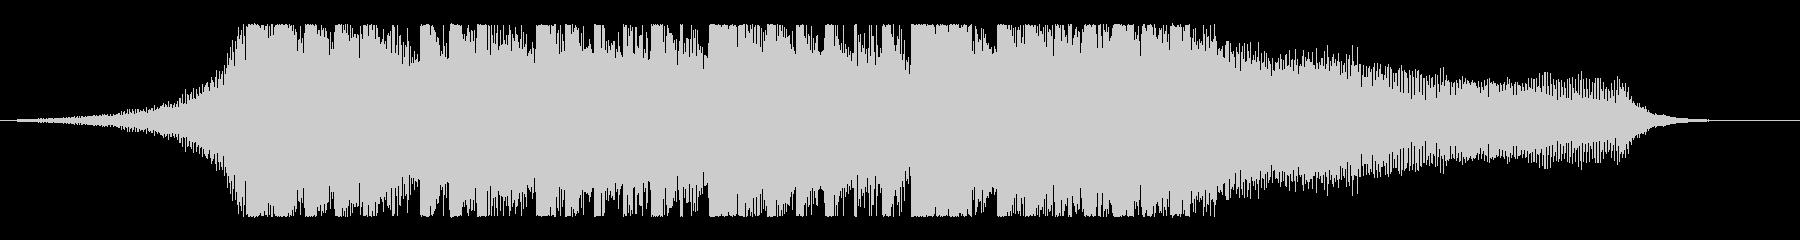 世界中で耳にするスタンダードコーポレートの未再生の波形